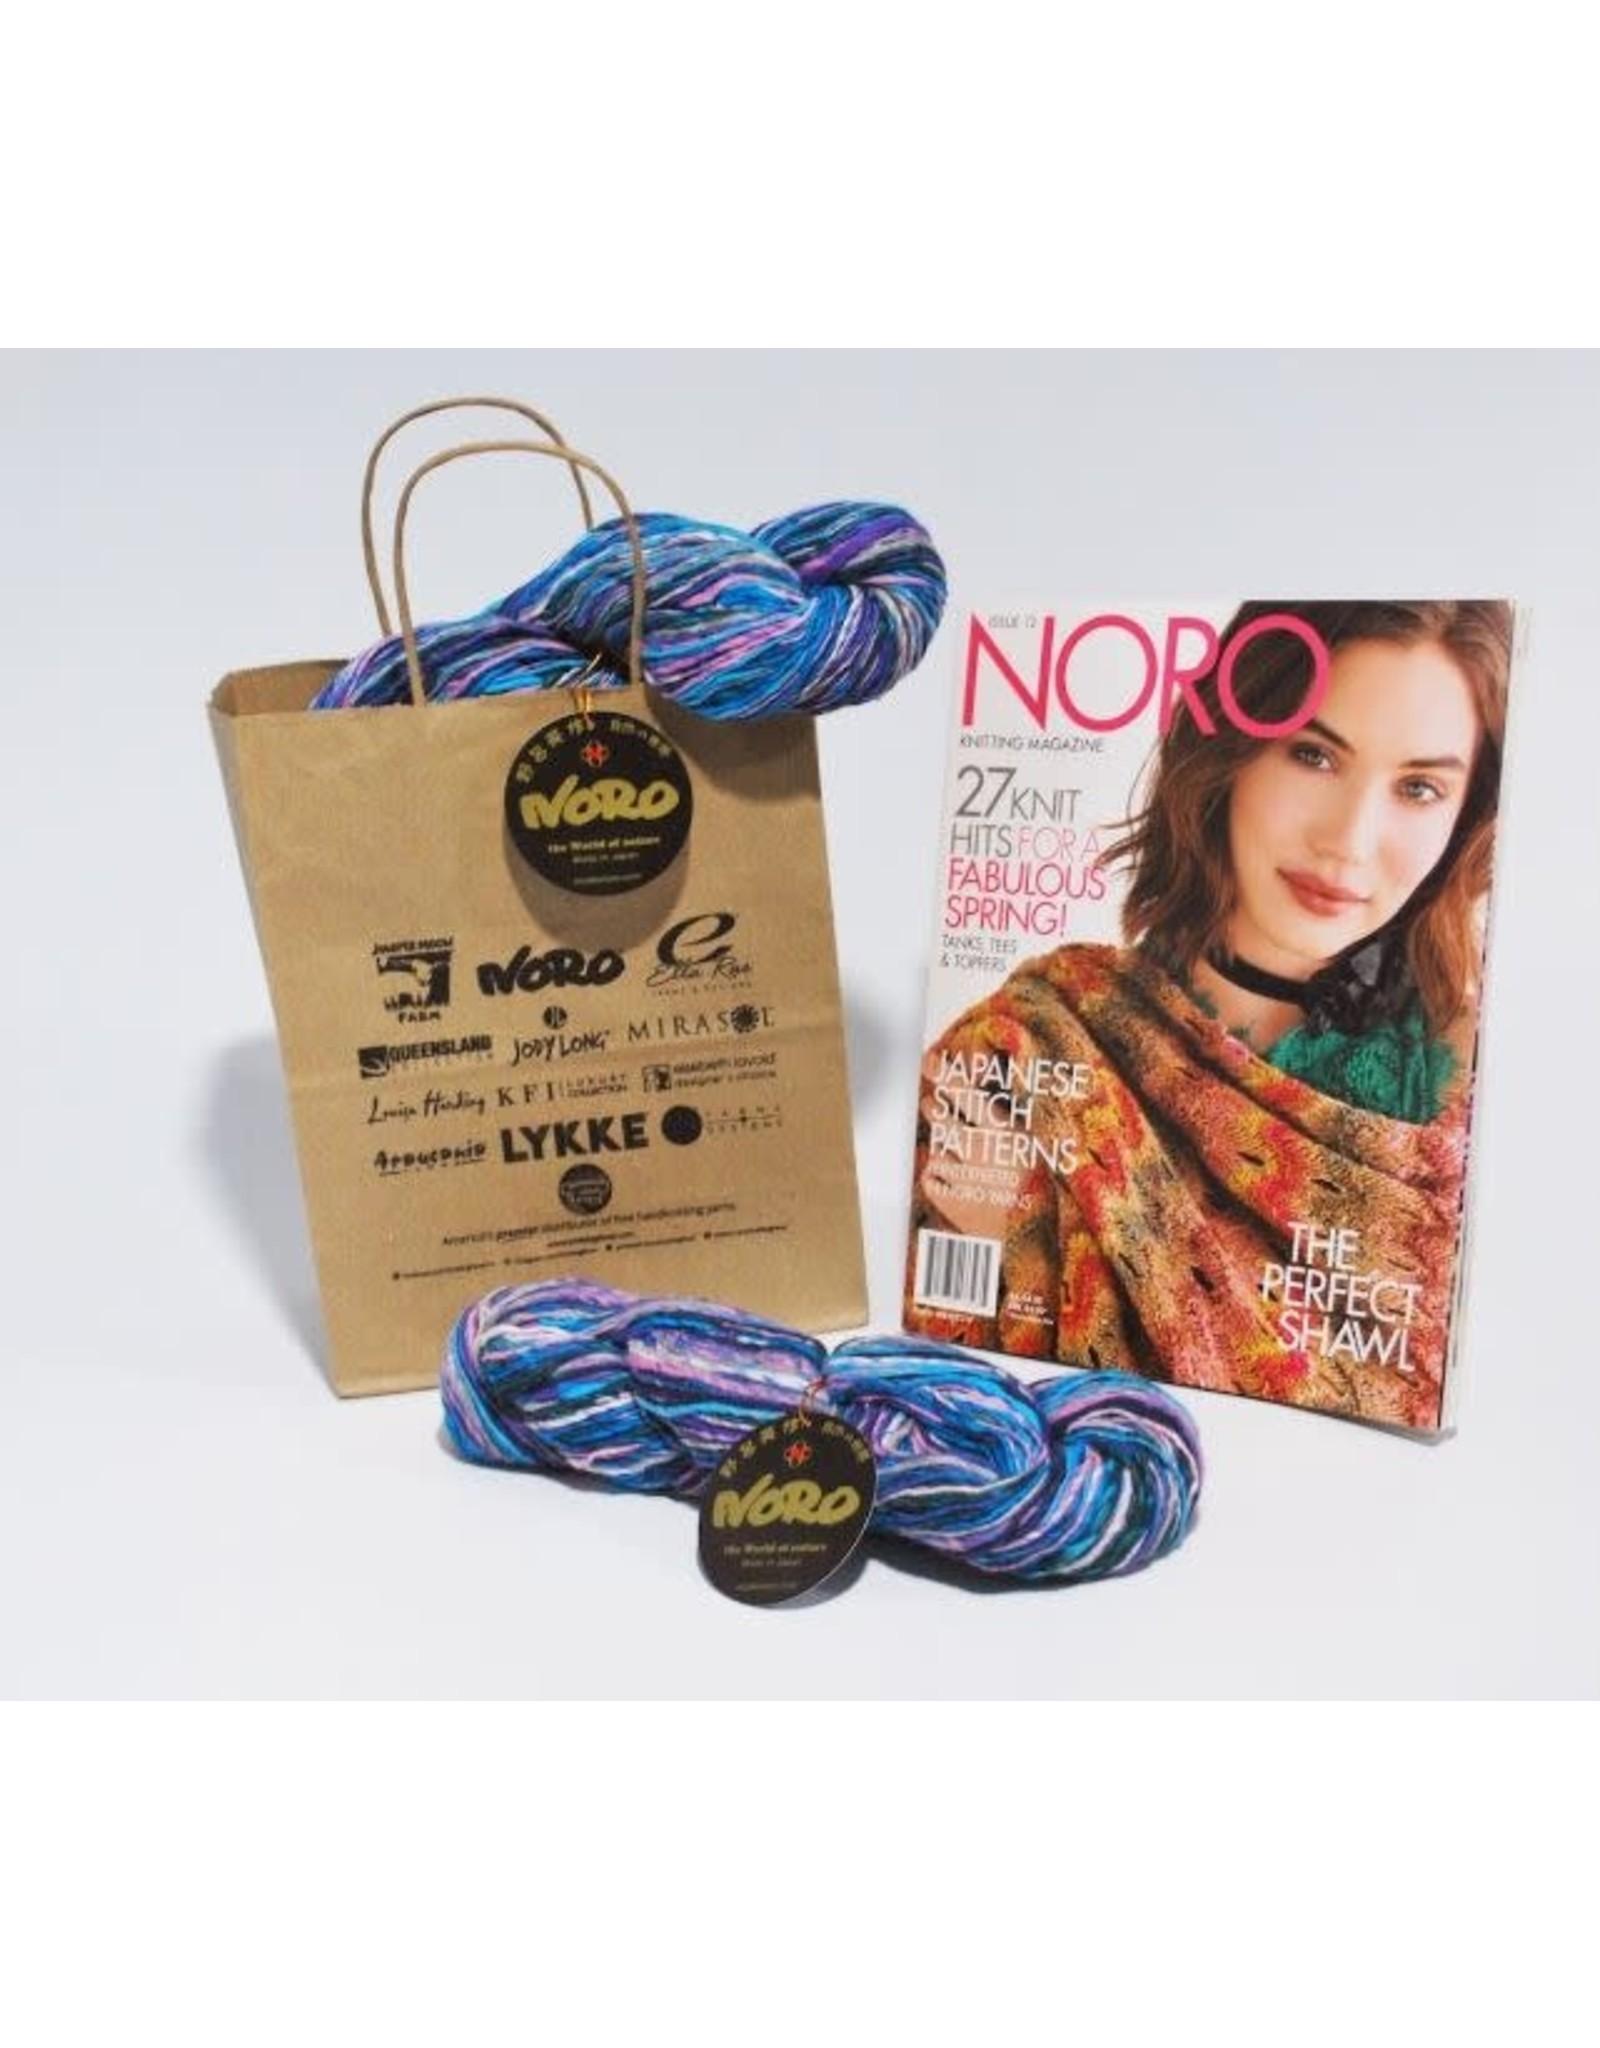 Noro Noro: Nishiki Semicircle Shawl Kit,